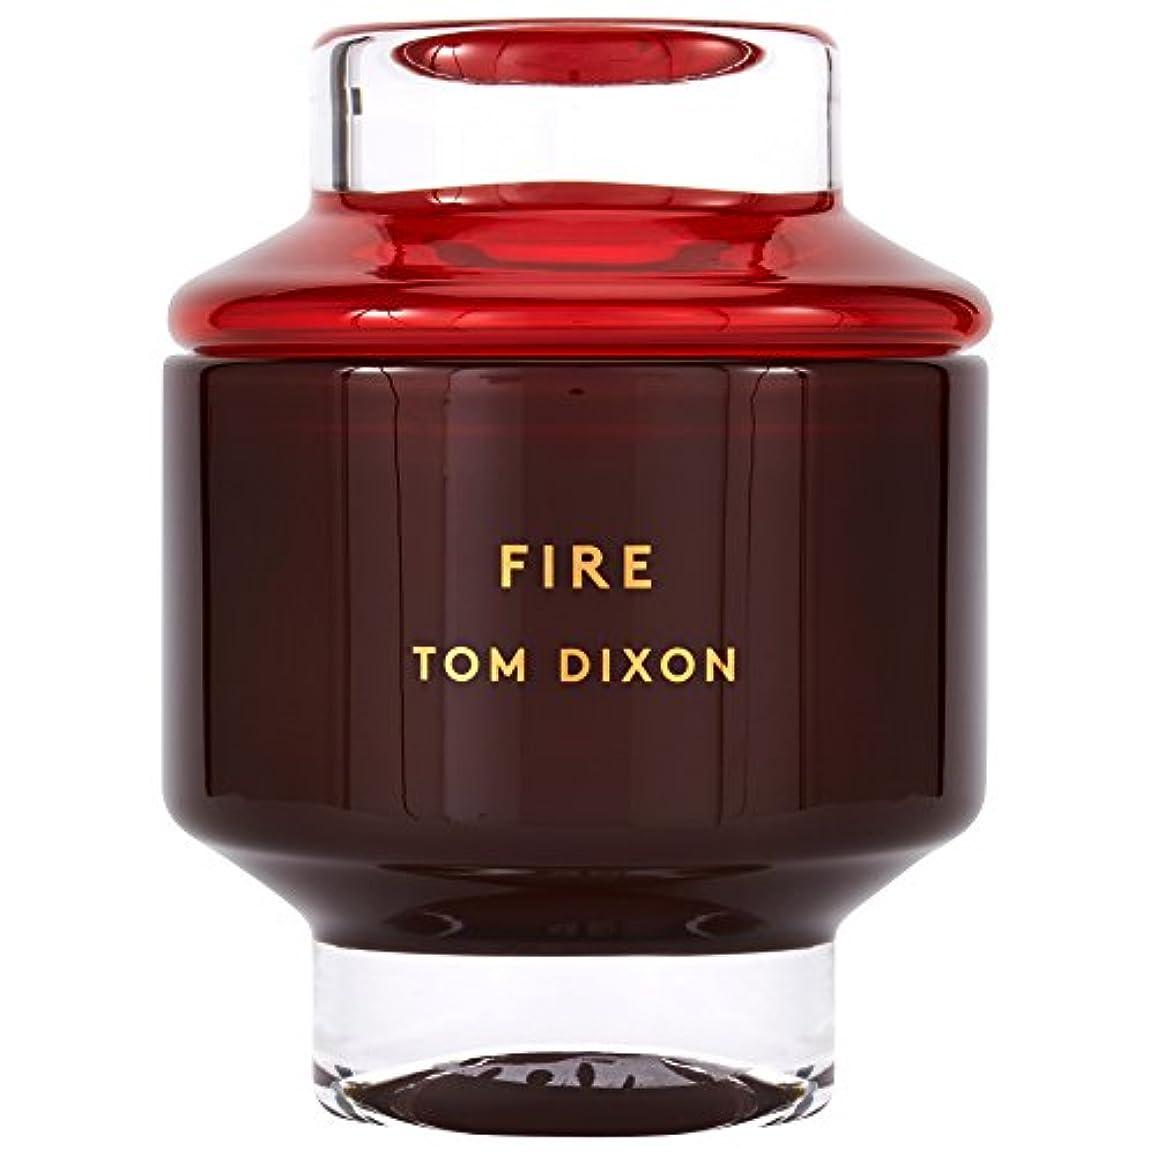 クローゼット現れるまたはトム?ディクソン火災大型香りのキャンドル x6 - Tom Dixon Fire Scented Candle Large (Pack of 6) [並行輸入品]